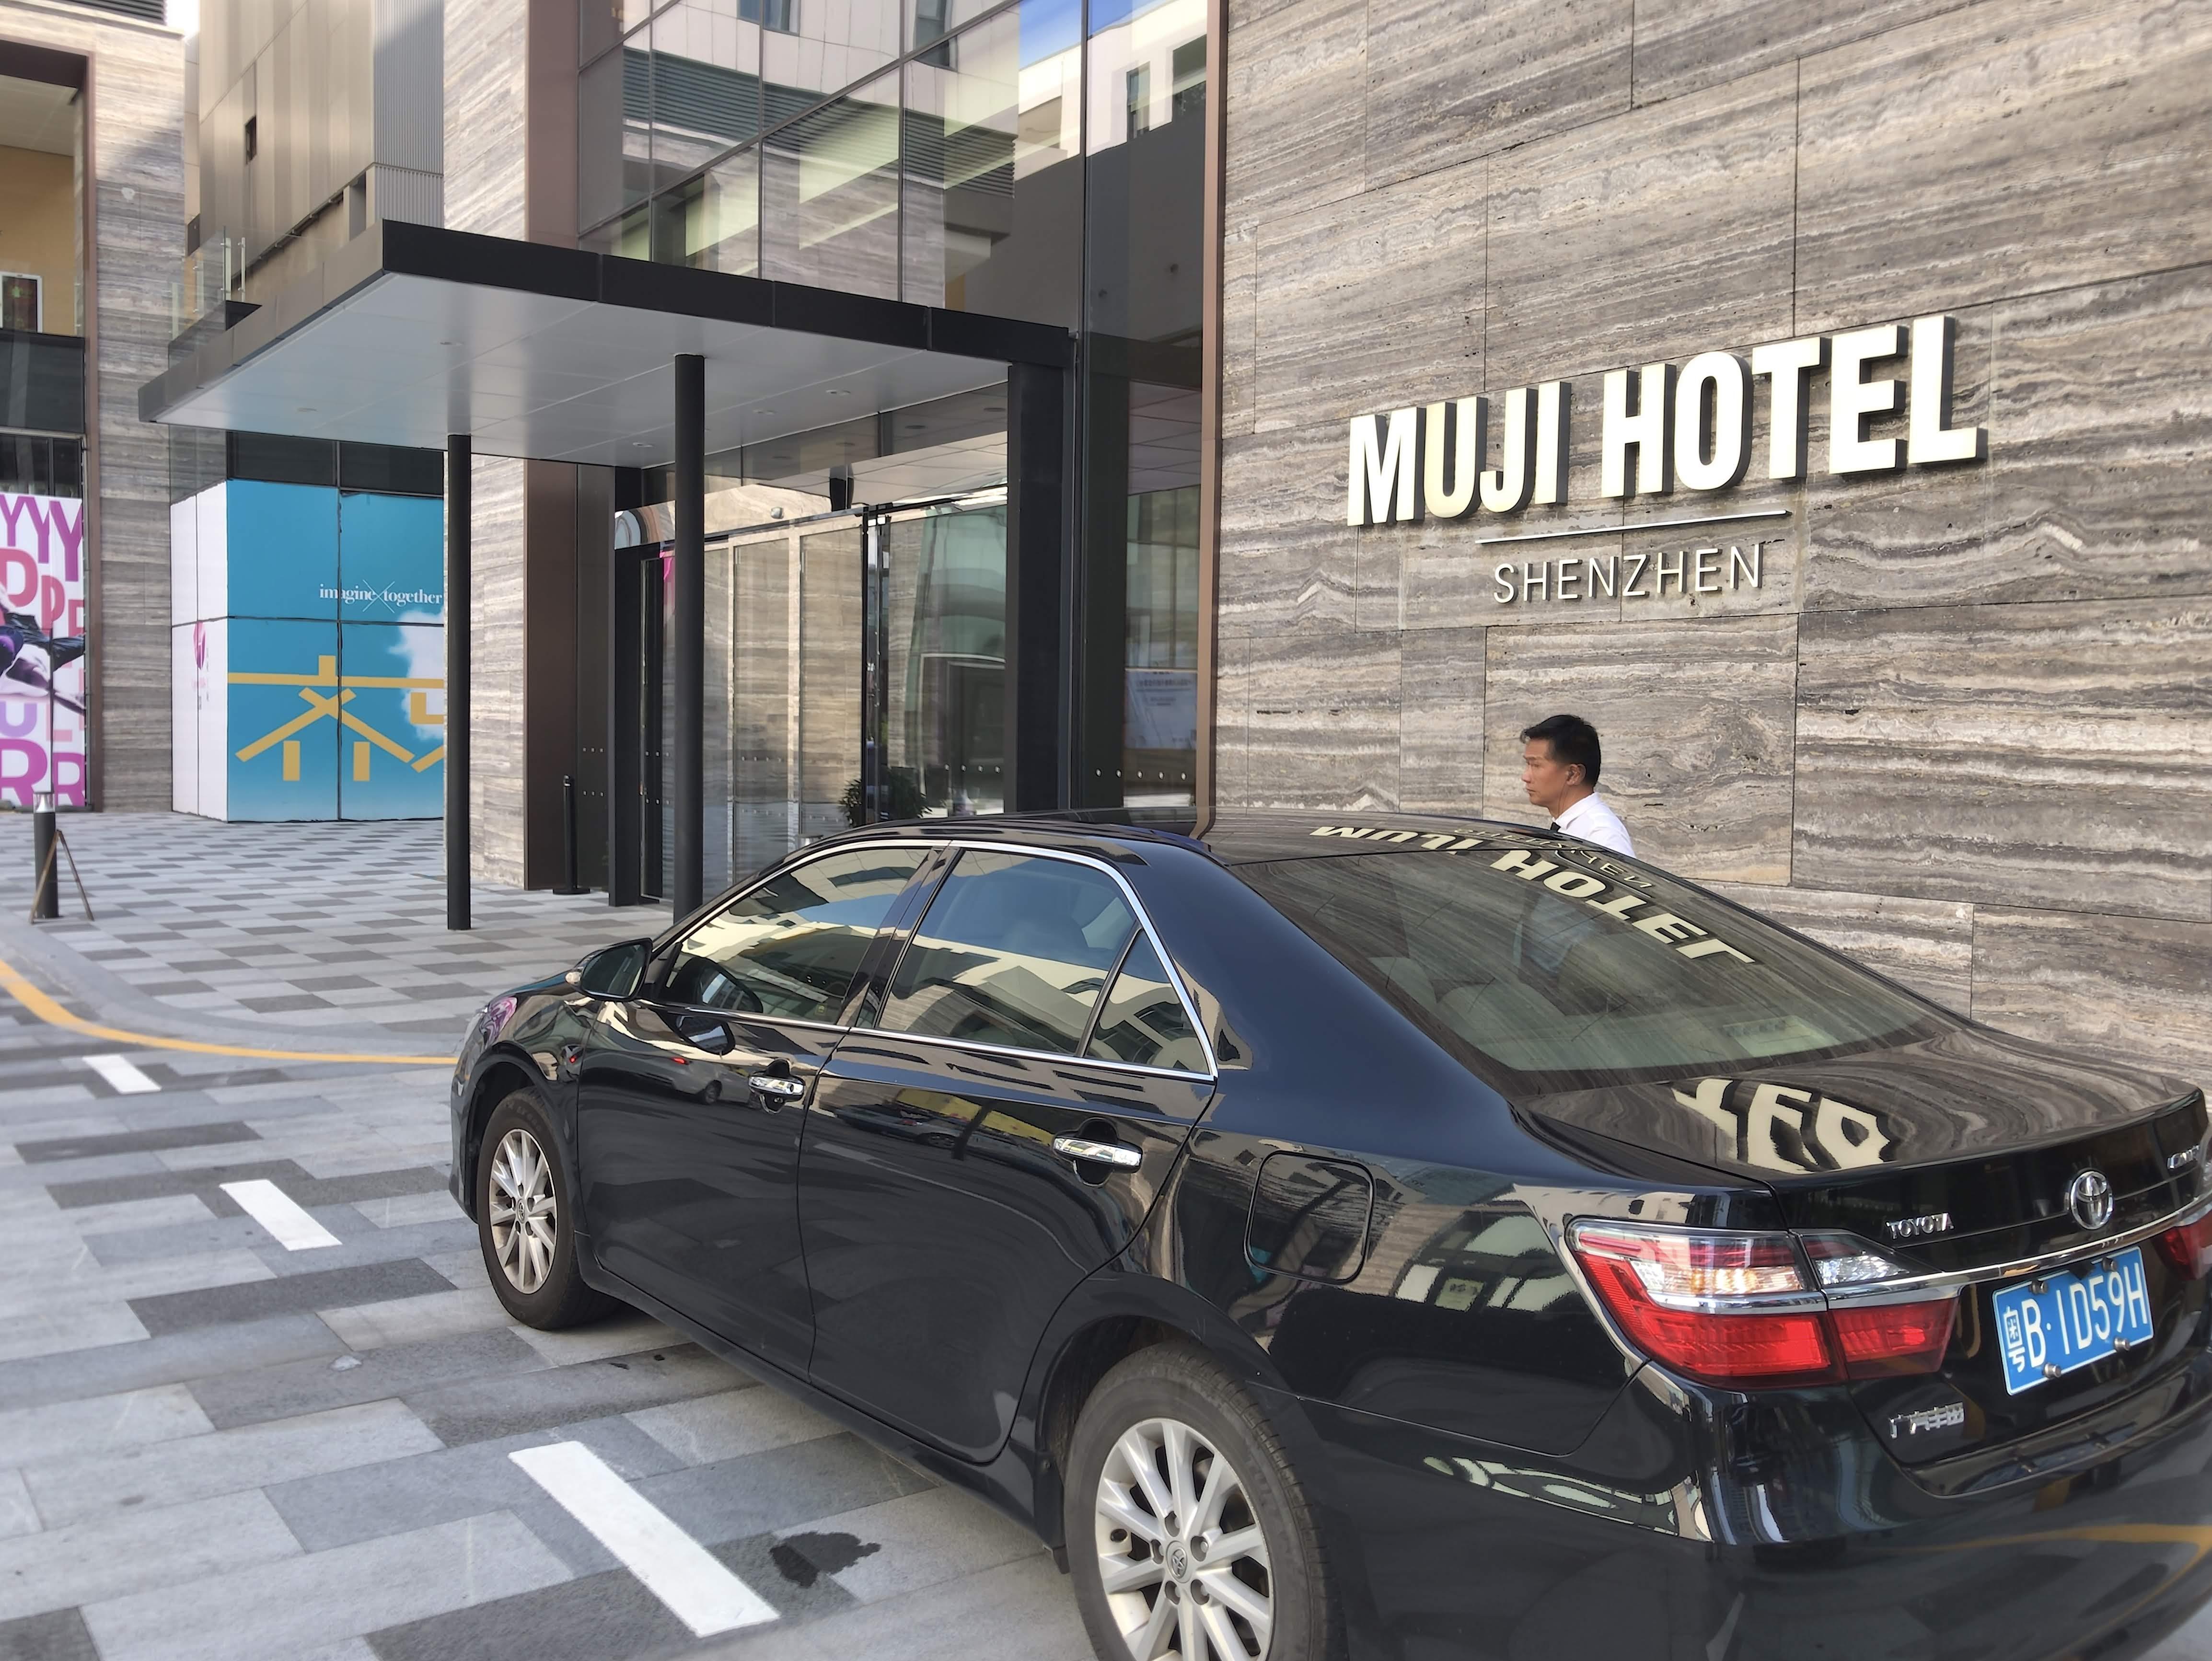 고객 차량의 문을 열어주거나 짐을 옮겨주는 직원이 상주하지 않는 무지 호텔 ©이승준